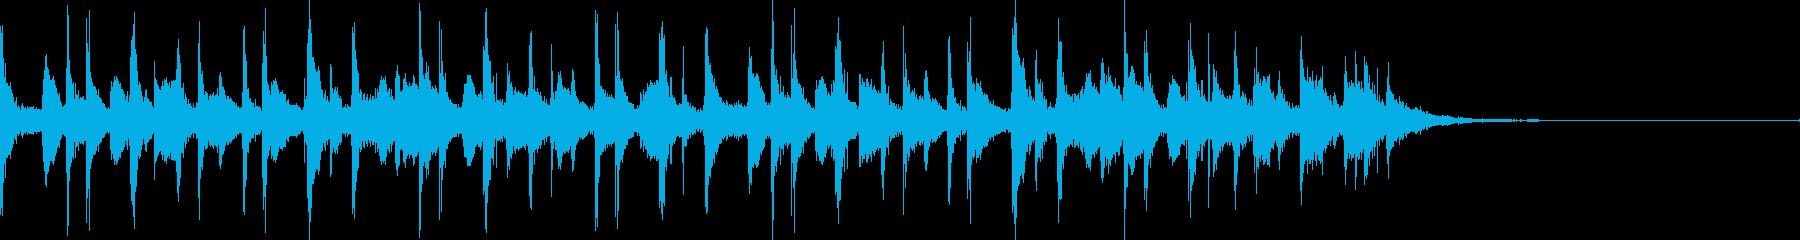 カリビアンジングル1(OP系)の再生済みの波形